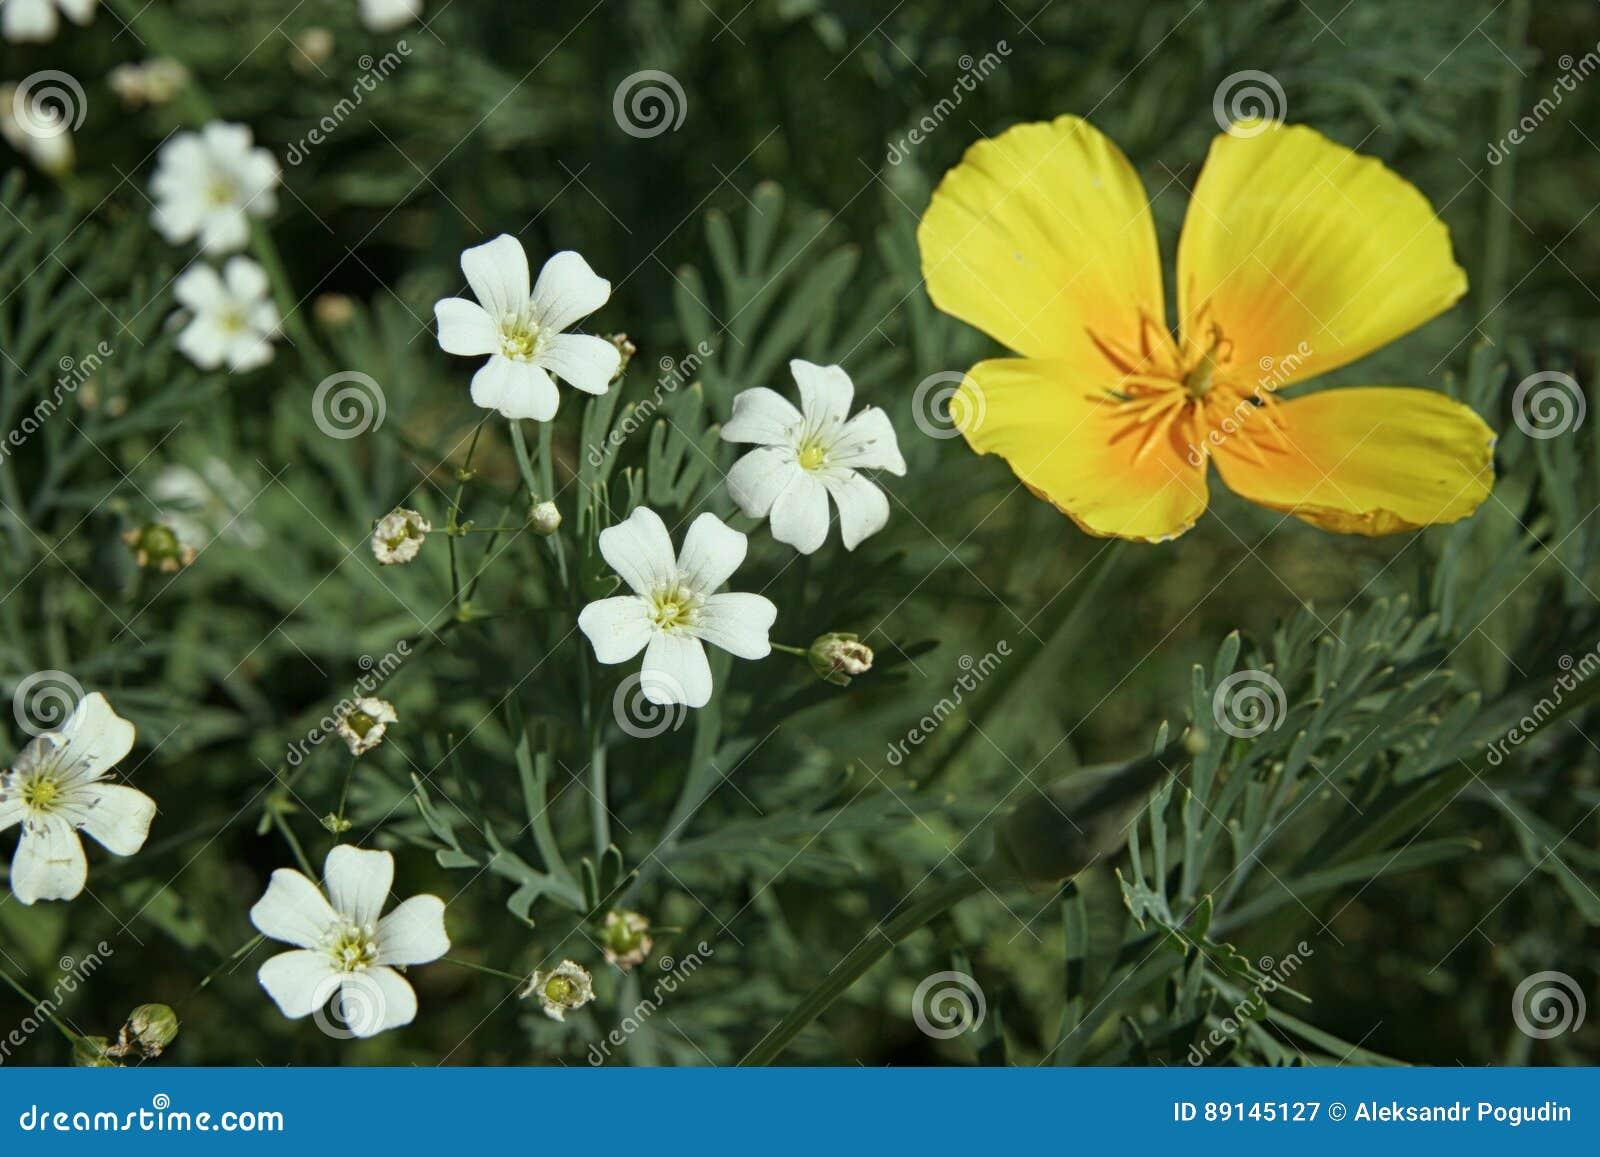 Weiße Kleine Blumen Und Eine Gelbe Blume Im Blumenbeetabschluß Oben ...